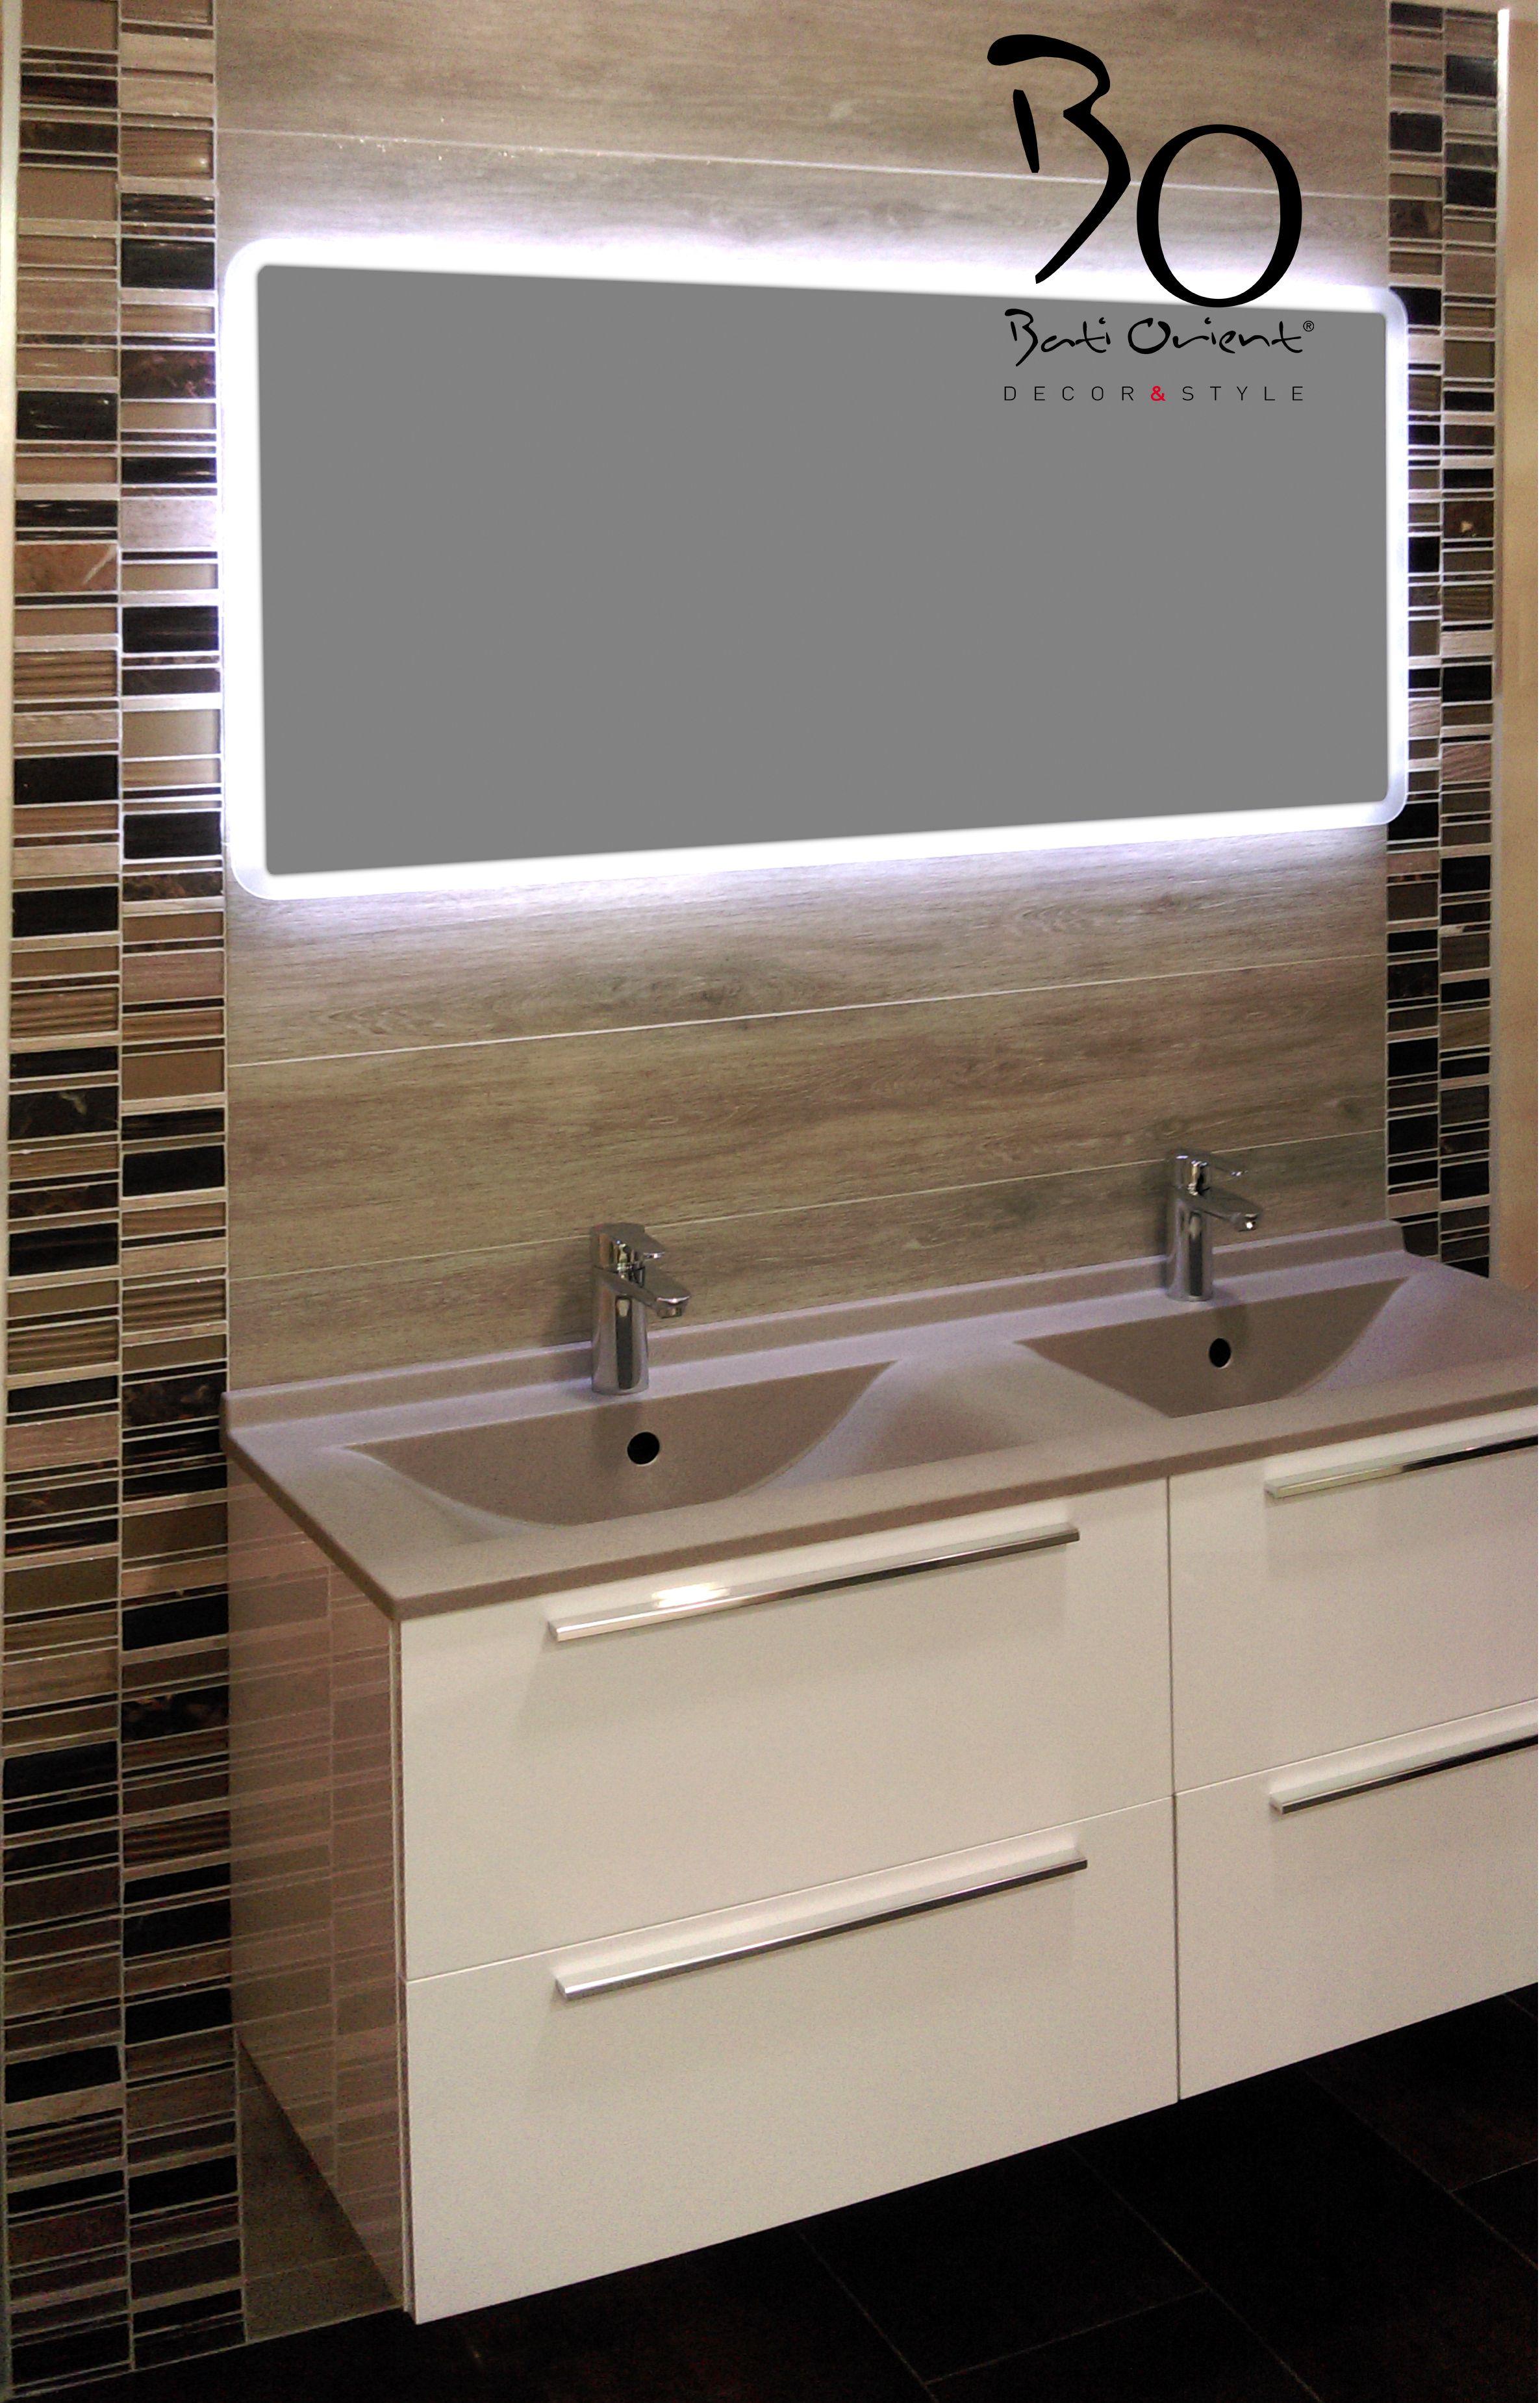 Pour cette salle de bain, frise verticale de chez Bati Orient en ...